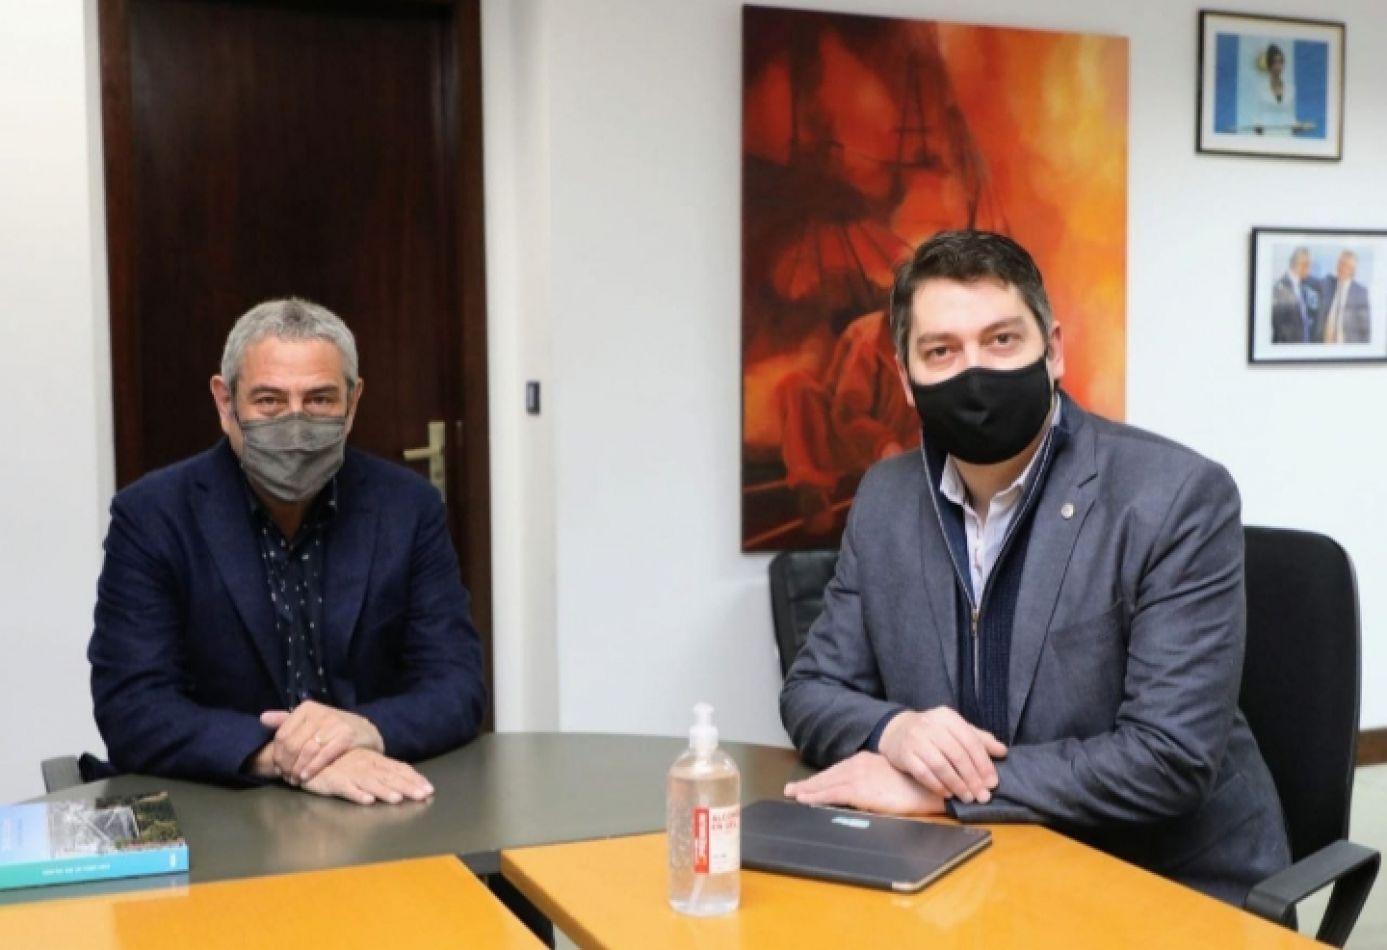 El ministro Ferraresi y el intendente Martín Perez firmaron créditos hipotecarios para familias de Río Grande